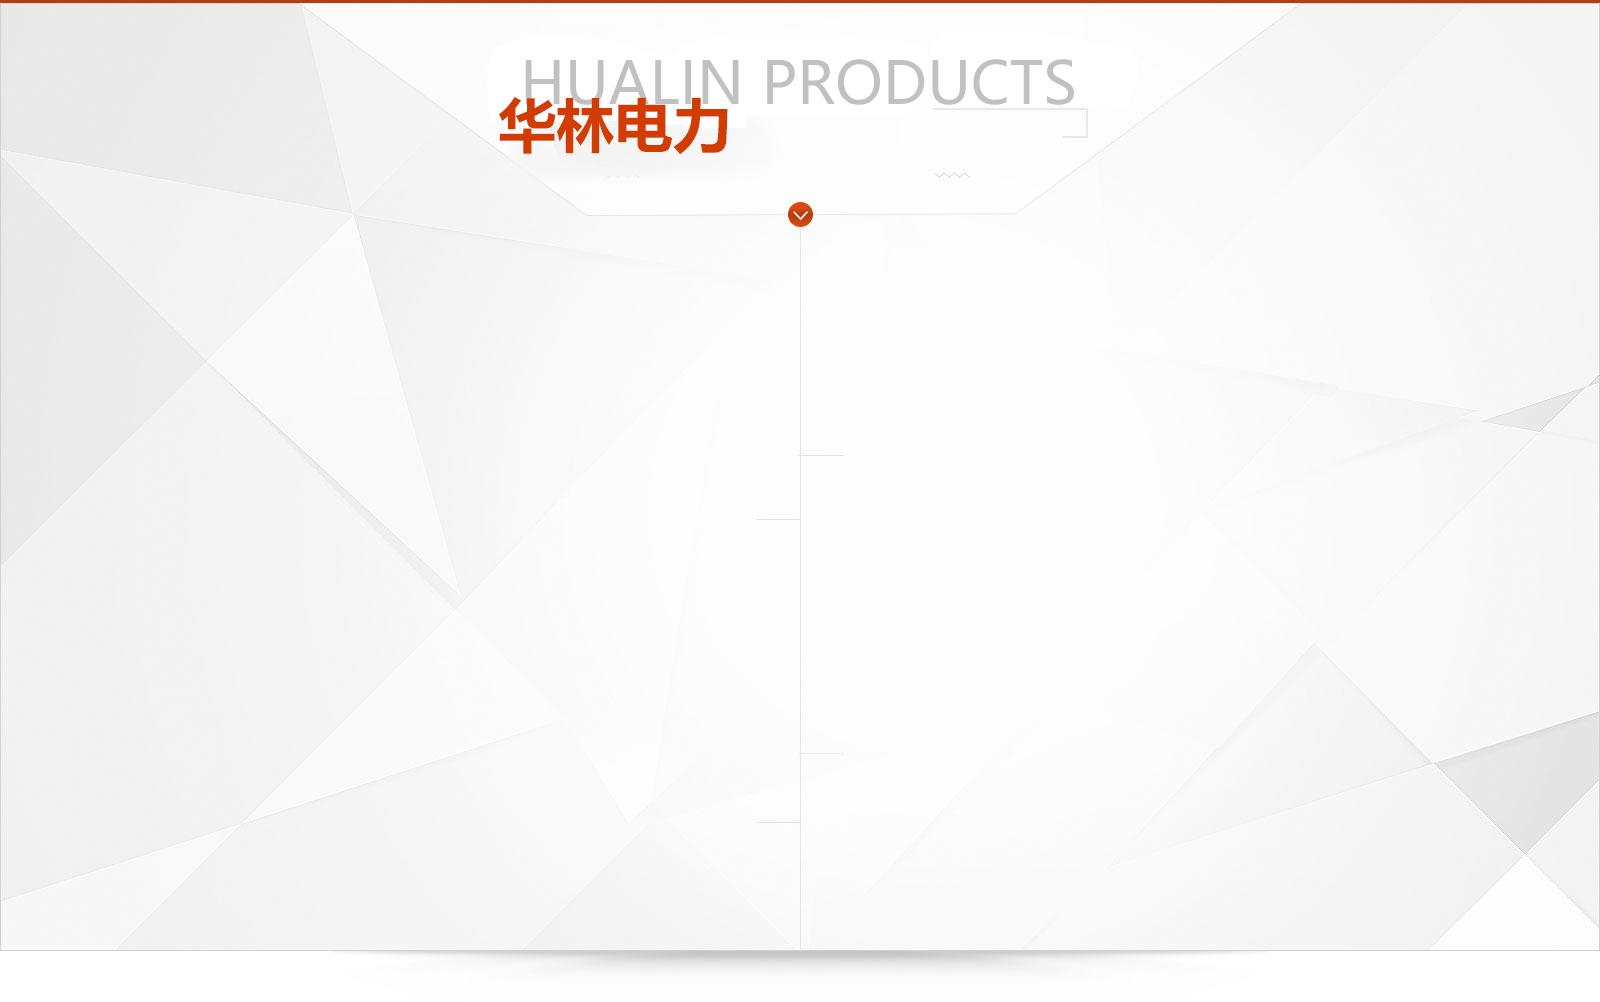 云南电力器材,云南电力器材报价,云南电力物资,云南电力物资价格,昆明电力镀锌铁附件厂家